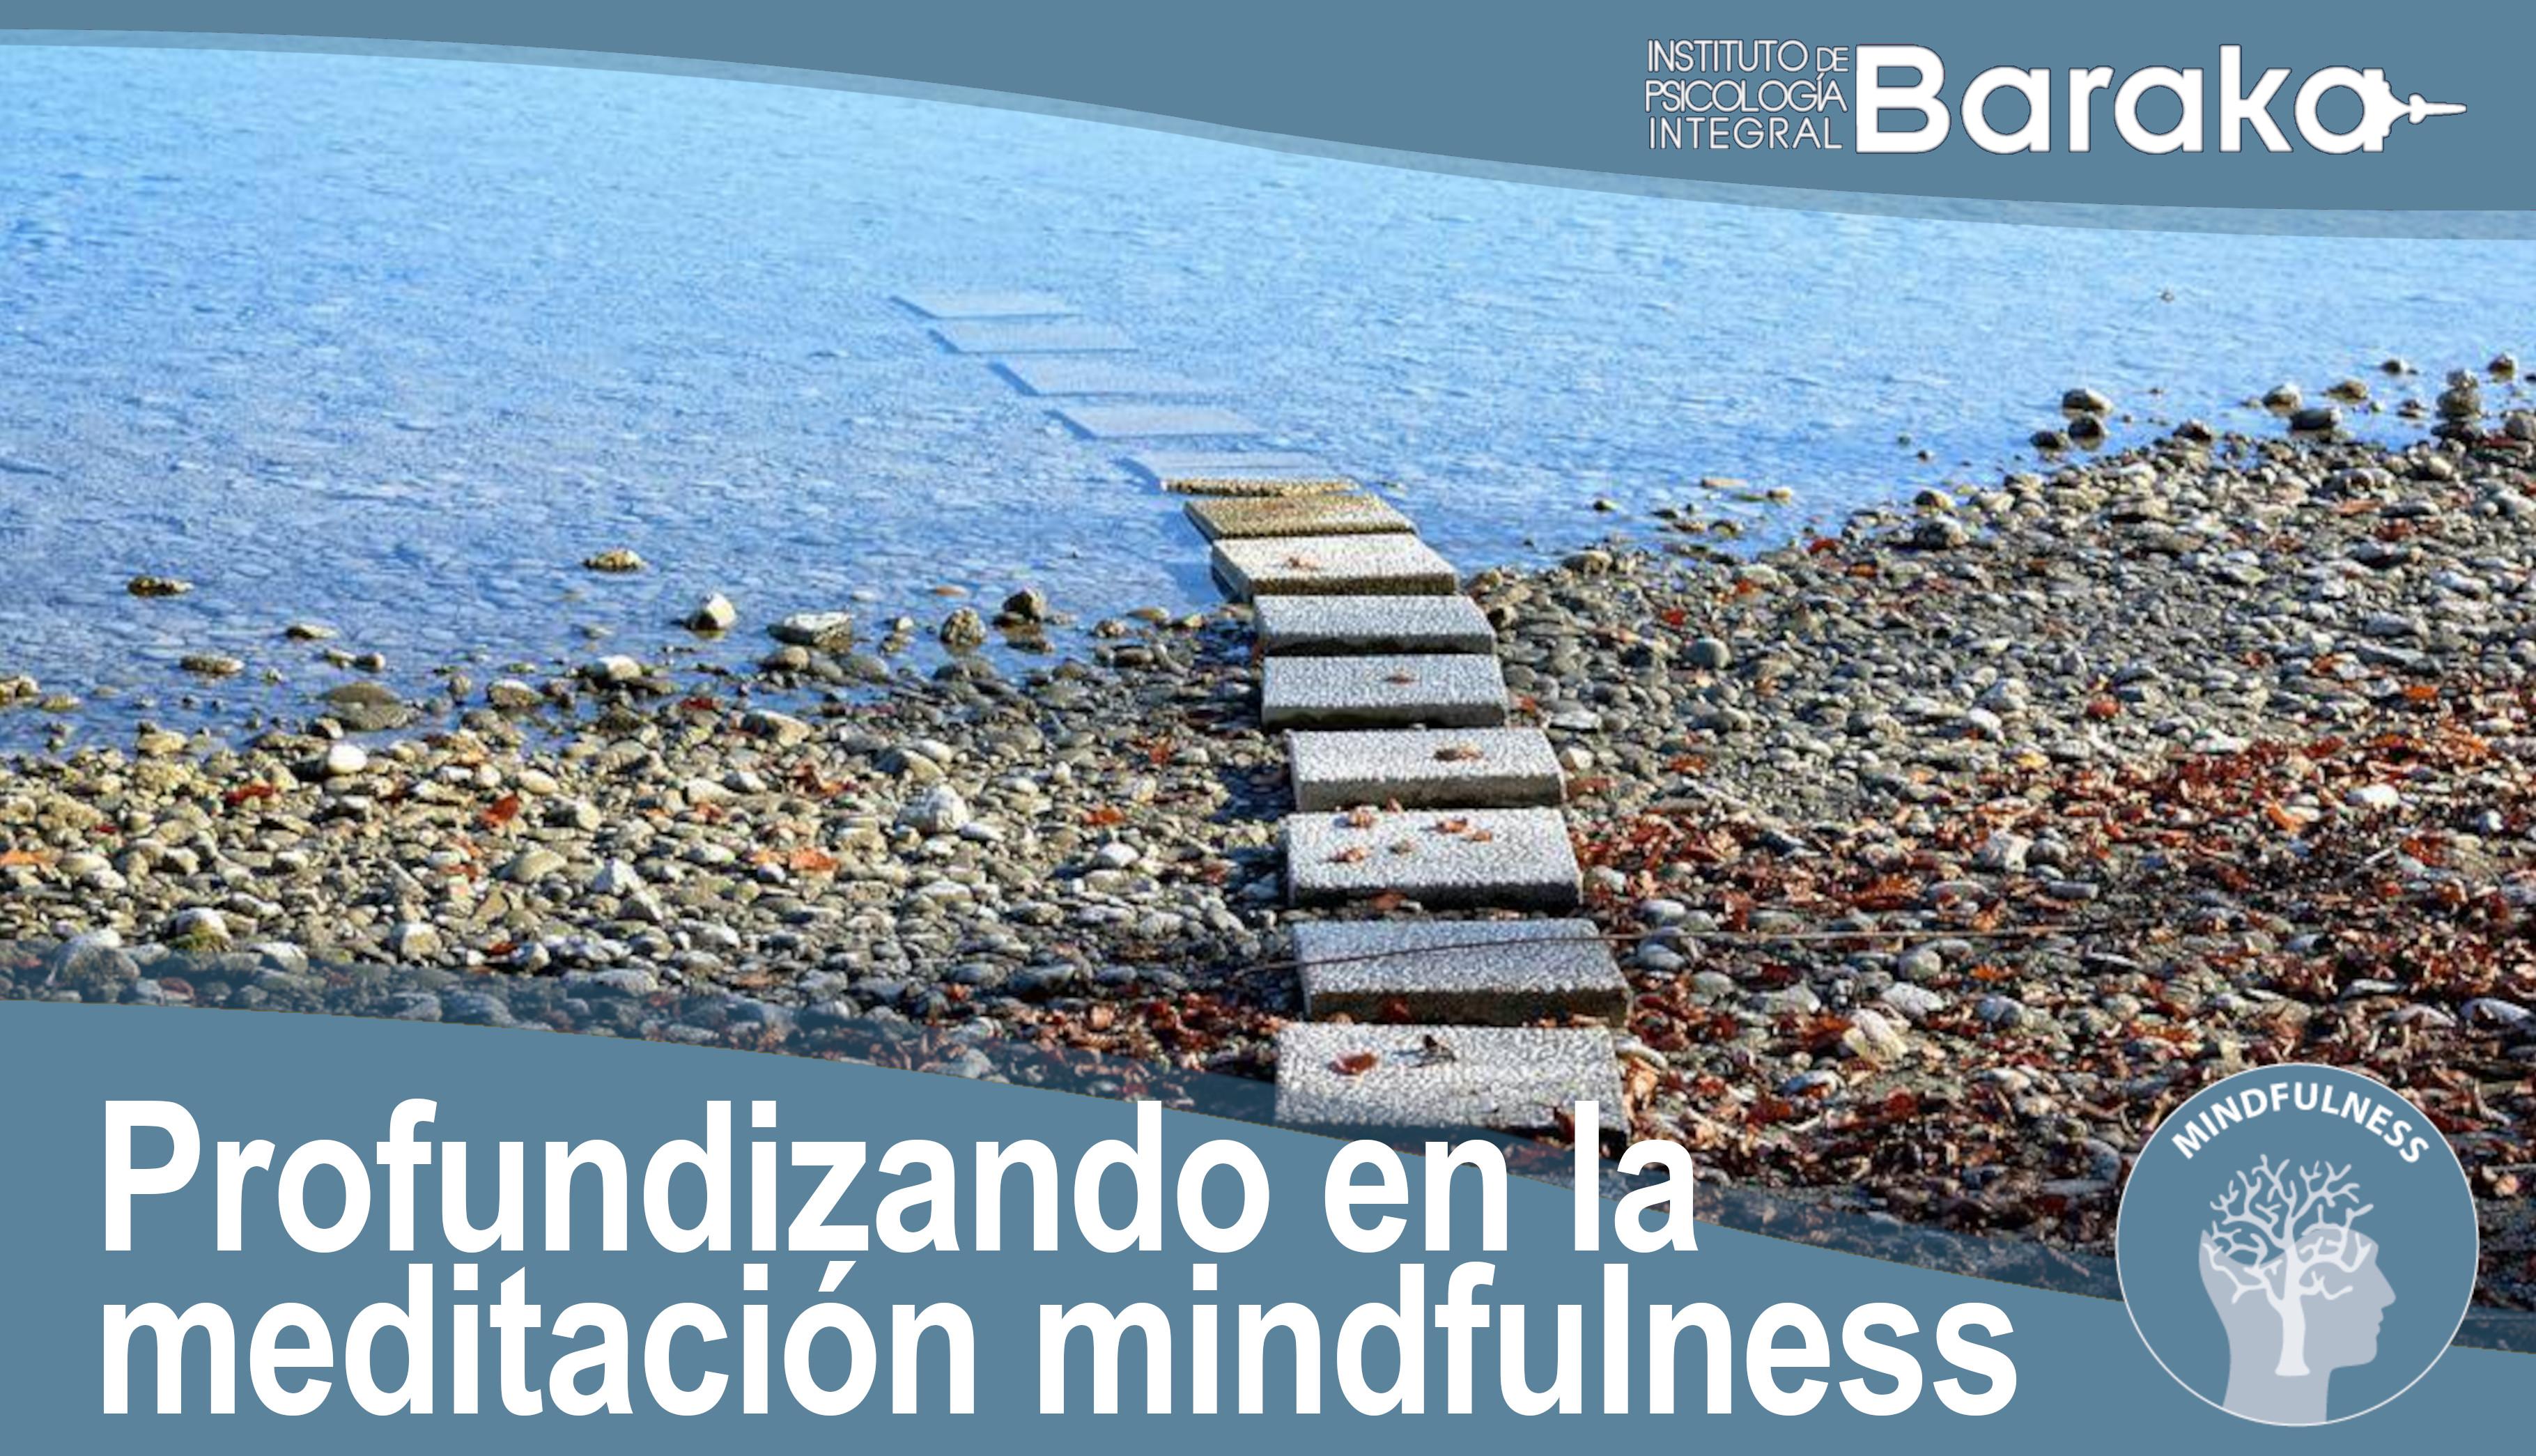 meditación mindfulness baraka